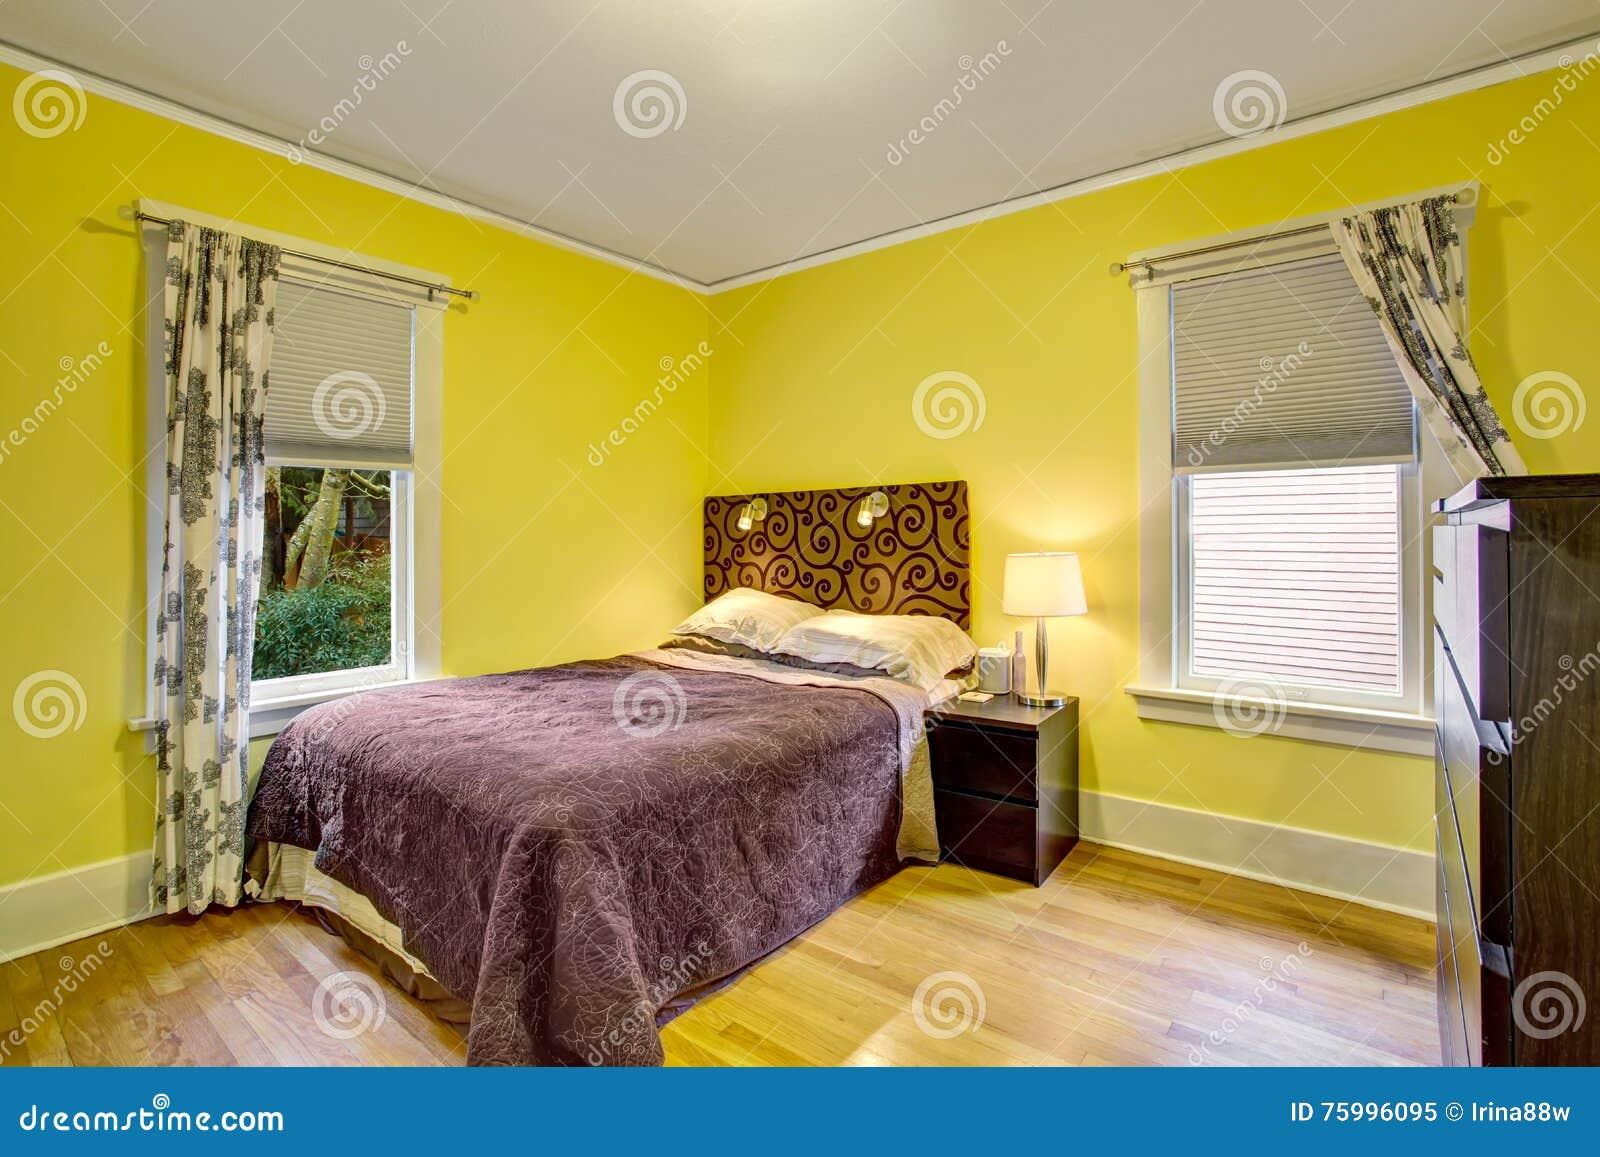 Gele Muur Slaapkamer : Slaapkamerbinnenland met gele muren en donkerbruin meubilair stock